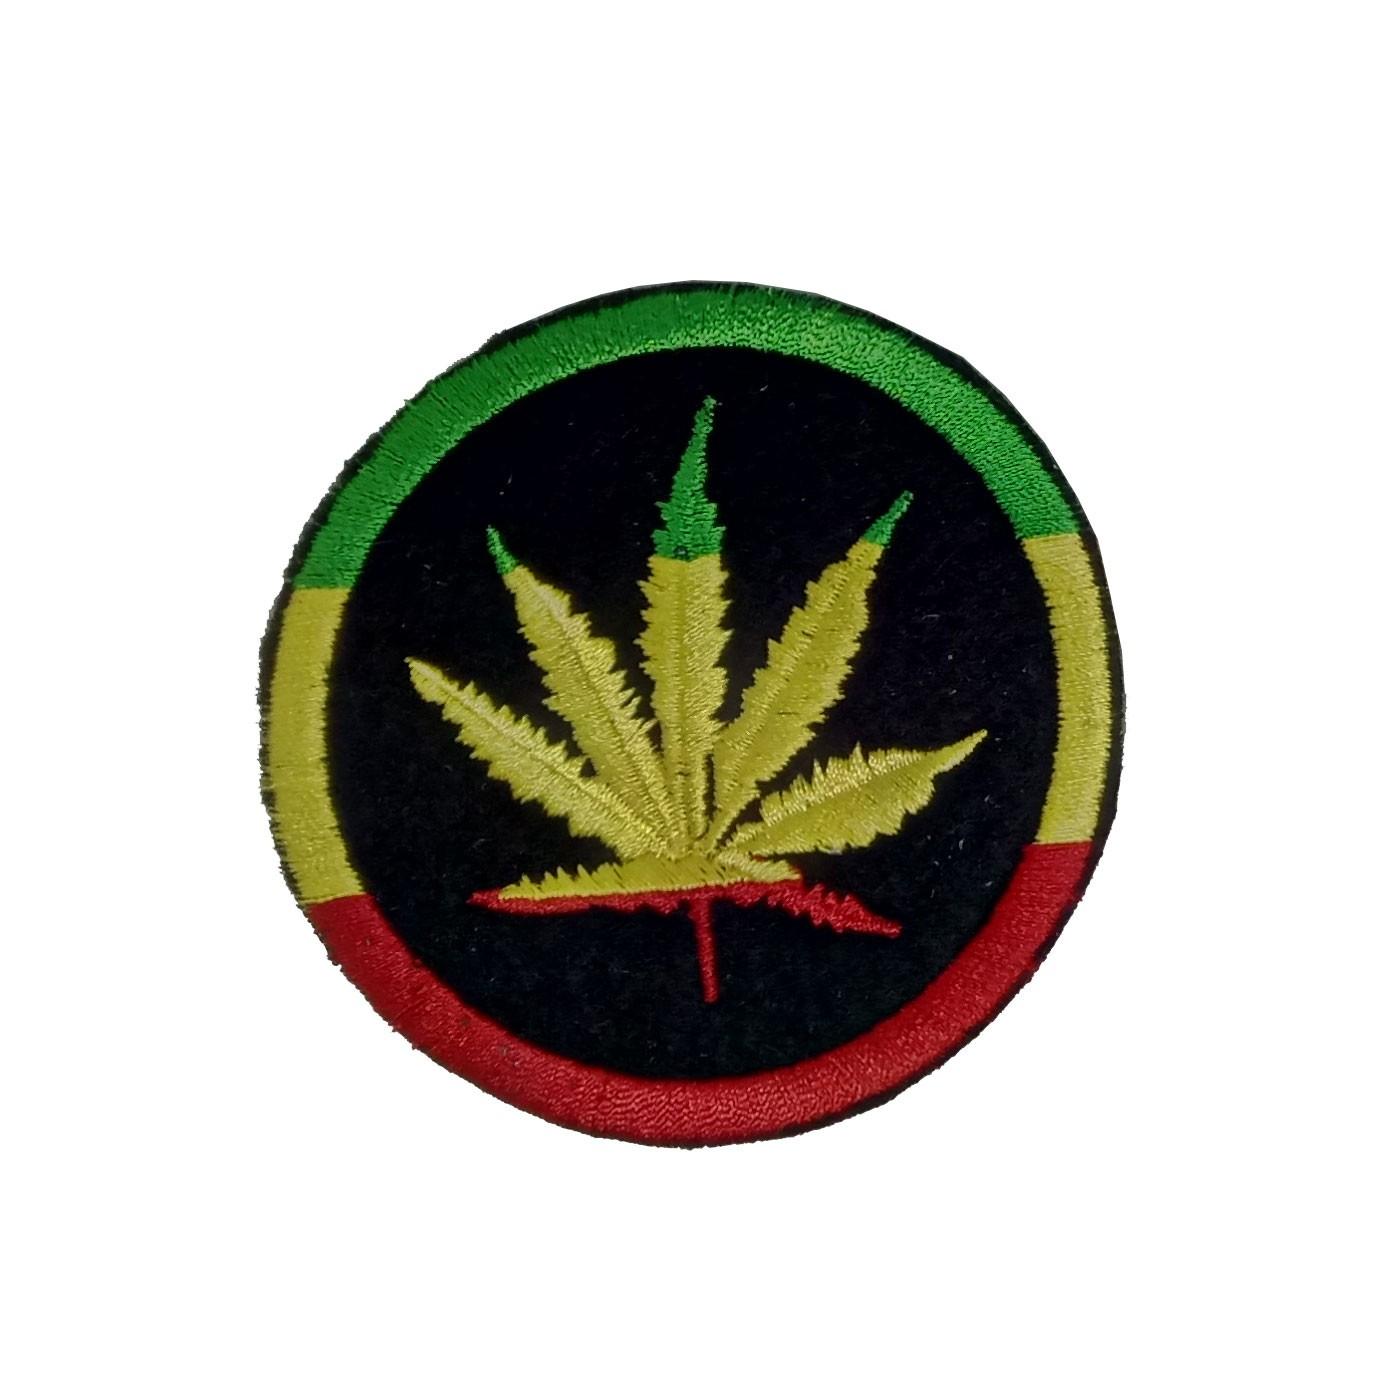 Конопля для раста открытки марихуаны